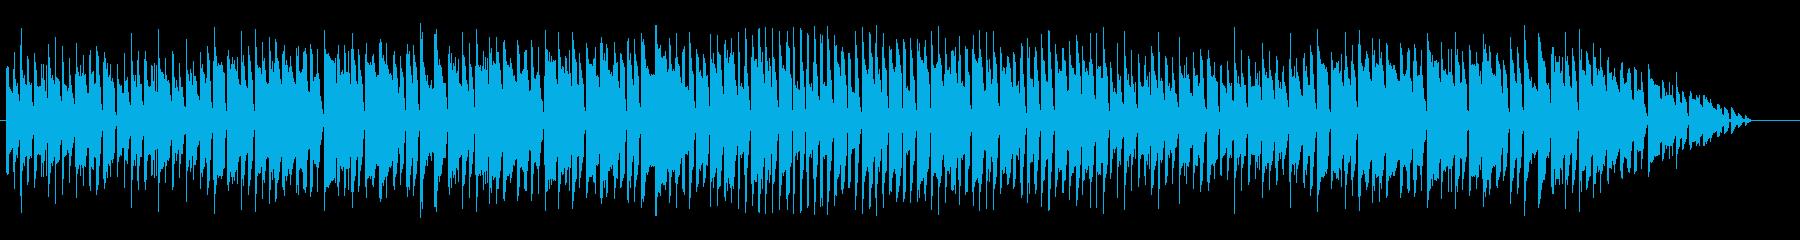 コミカルなポップなマーチの再生済みの波形